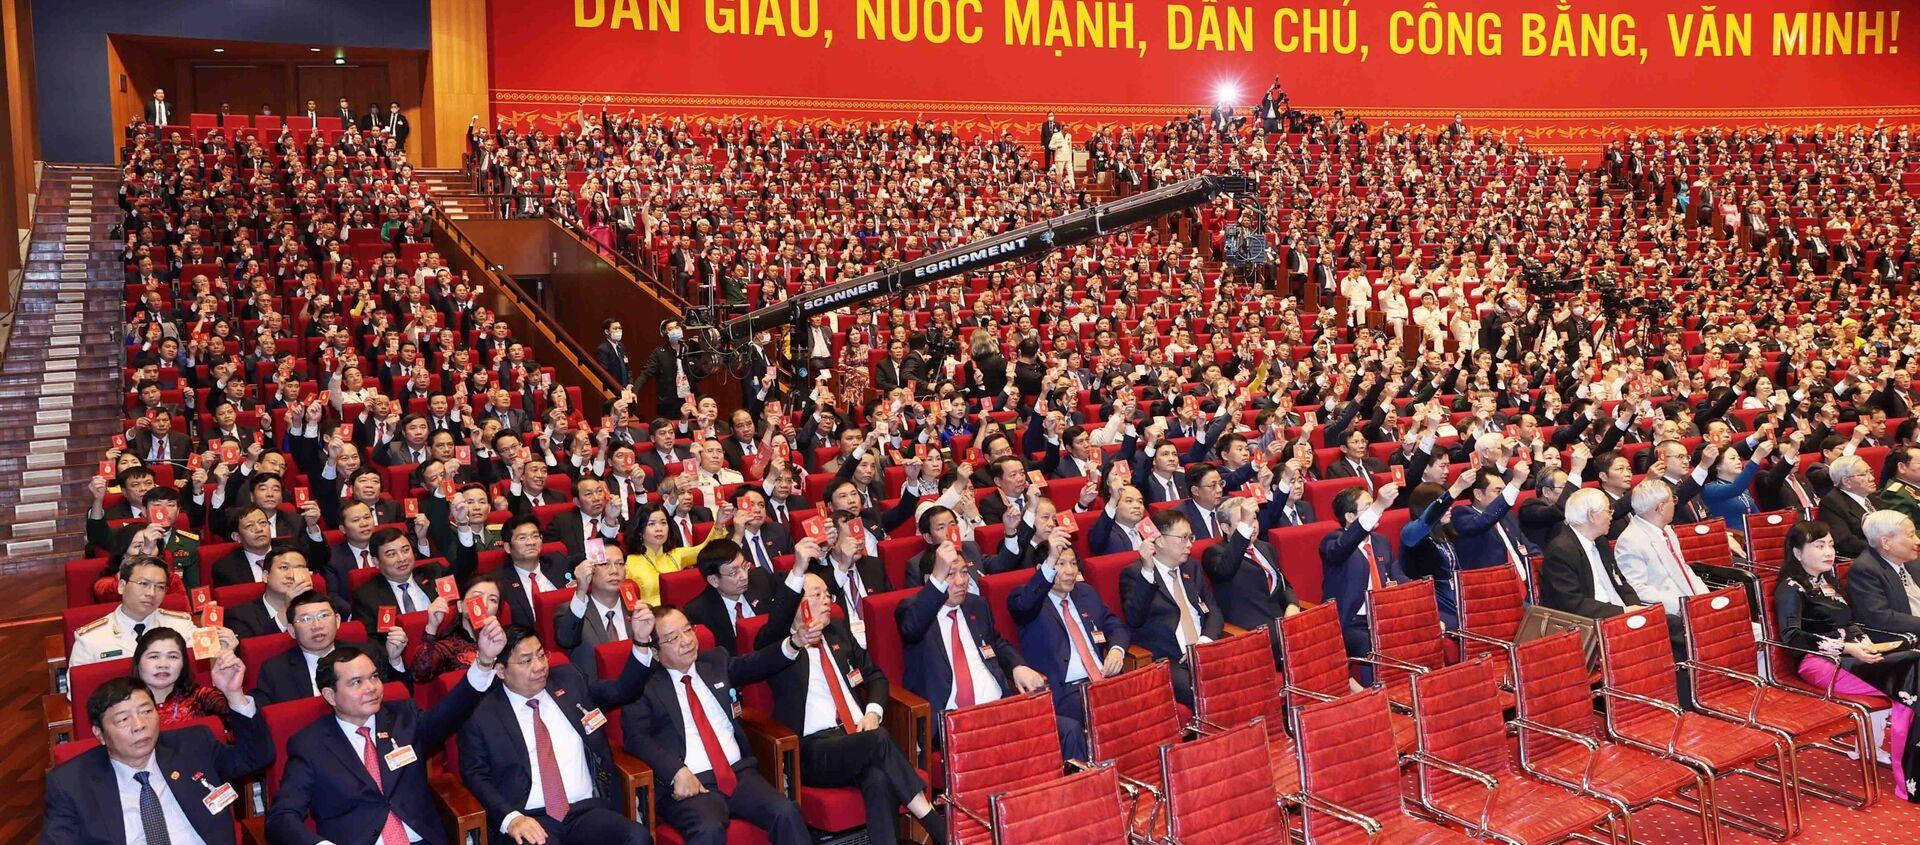 Bế mạc Đại hội Đảng toàn quốc lần thứ XIII - Sputnik Việt Nam, 1920, 22.02.2021